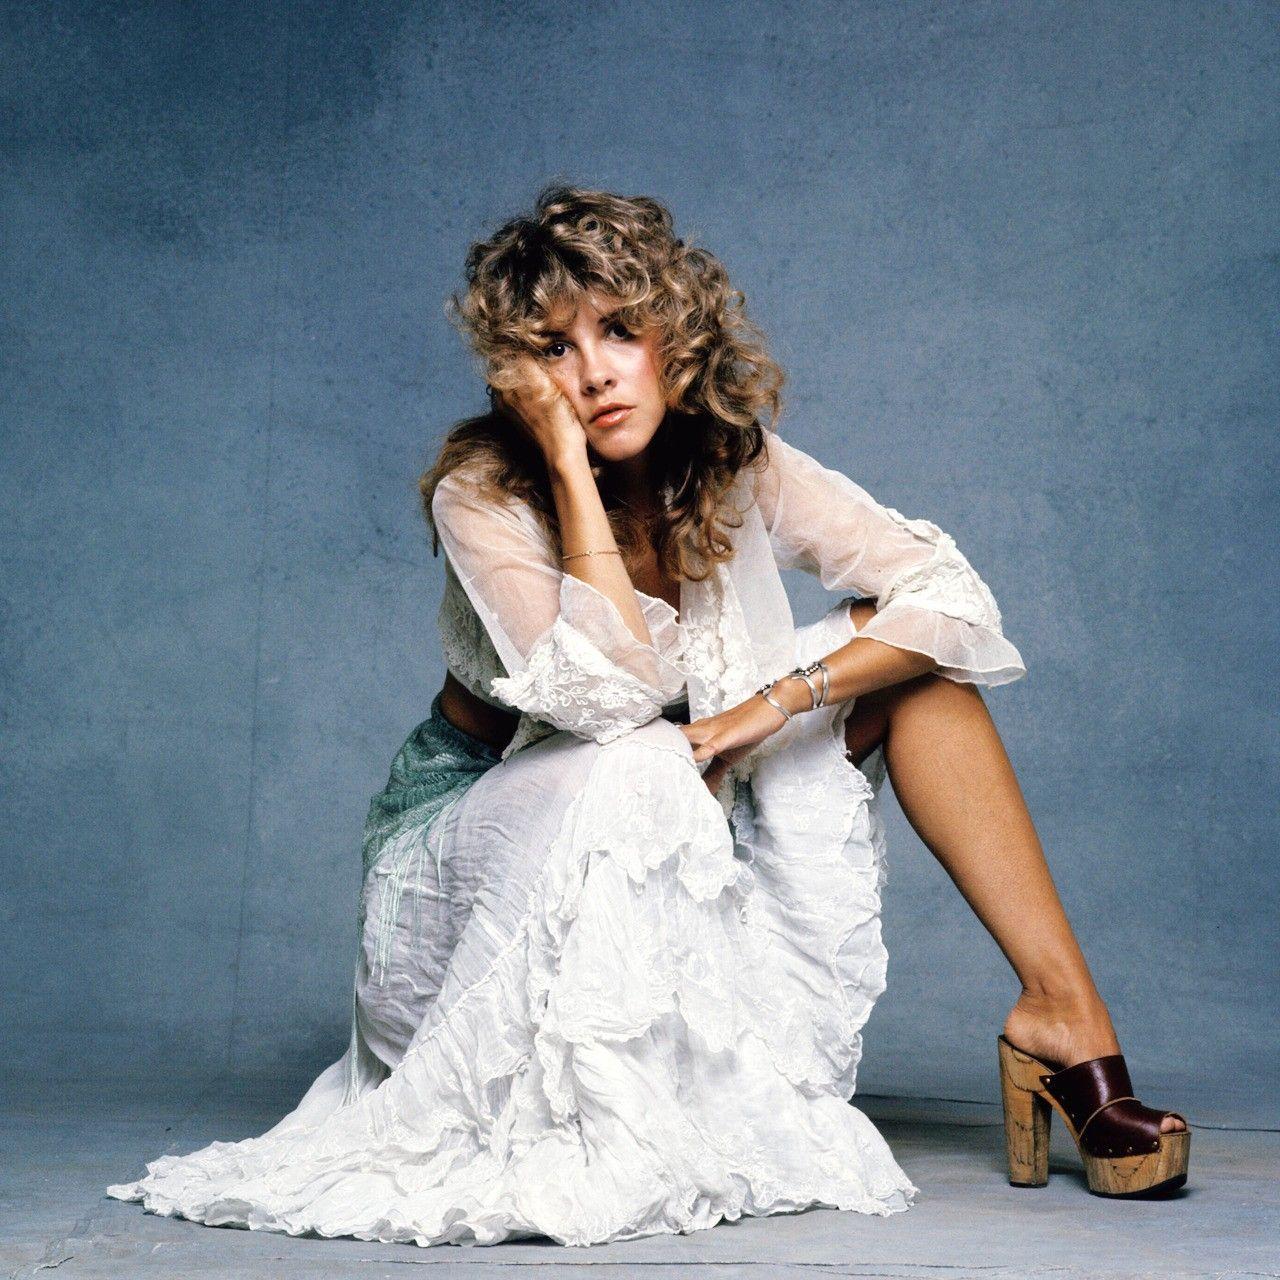 Stevie Nicks Fleetwood Mac Stevie Nicks Style Stevie Nicks Stevie Nicks Fleetwood Mac [ 1280 x 1280 Pixel ]